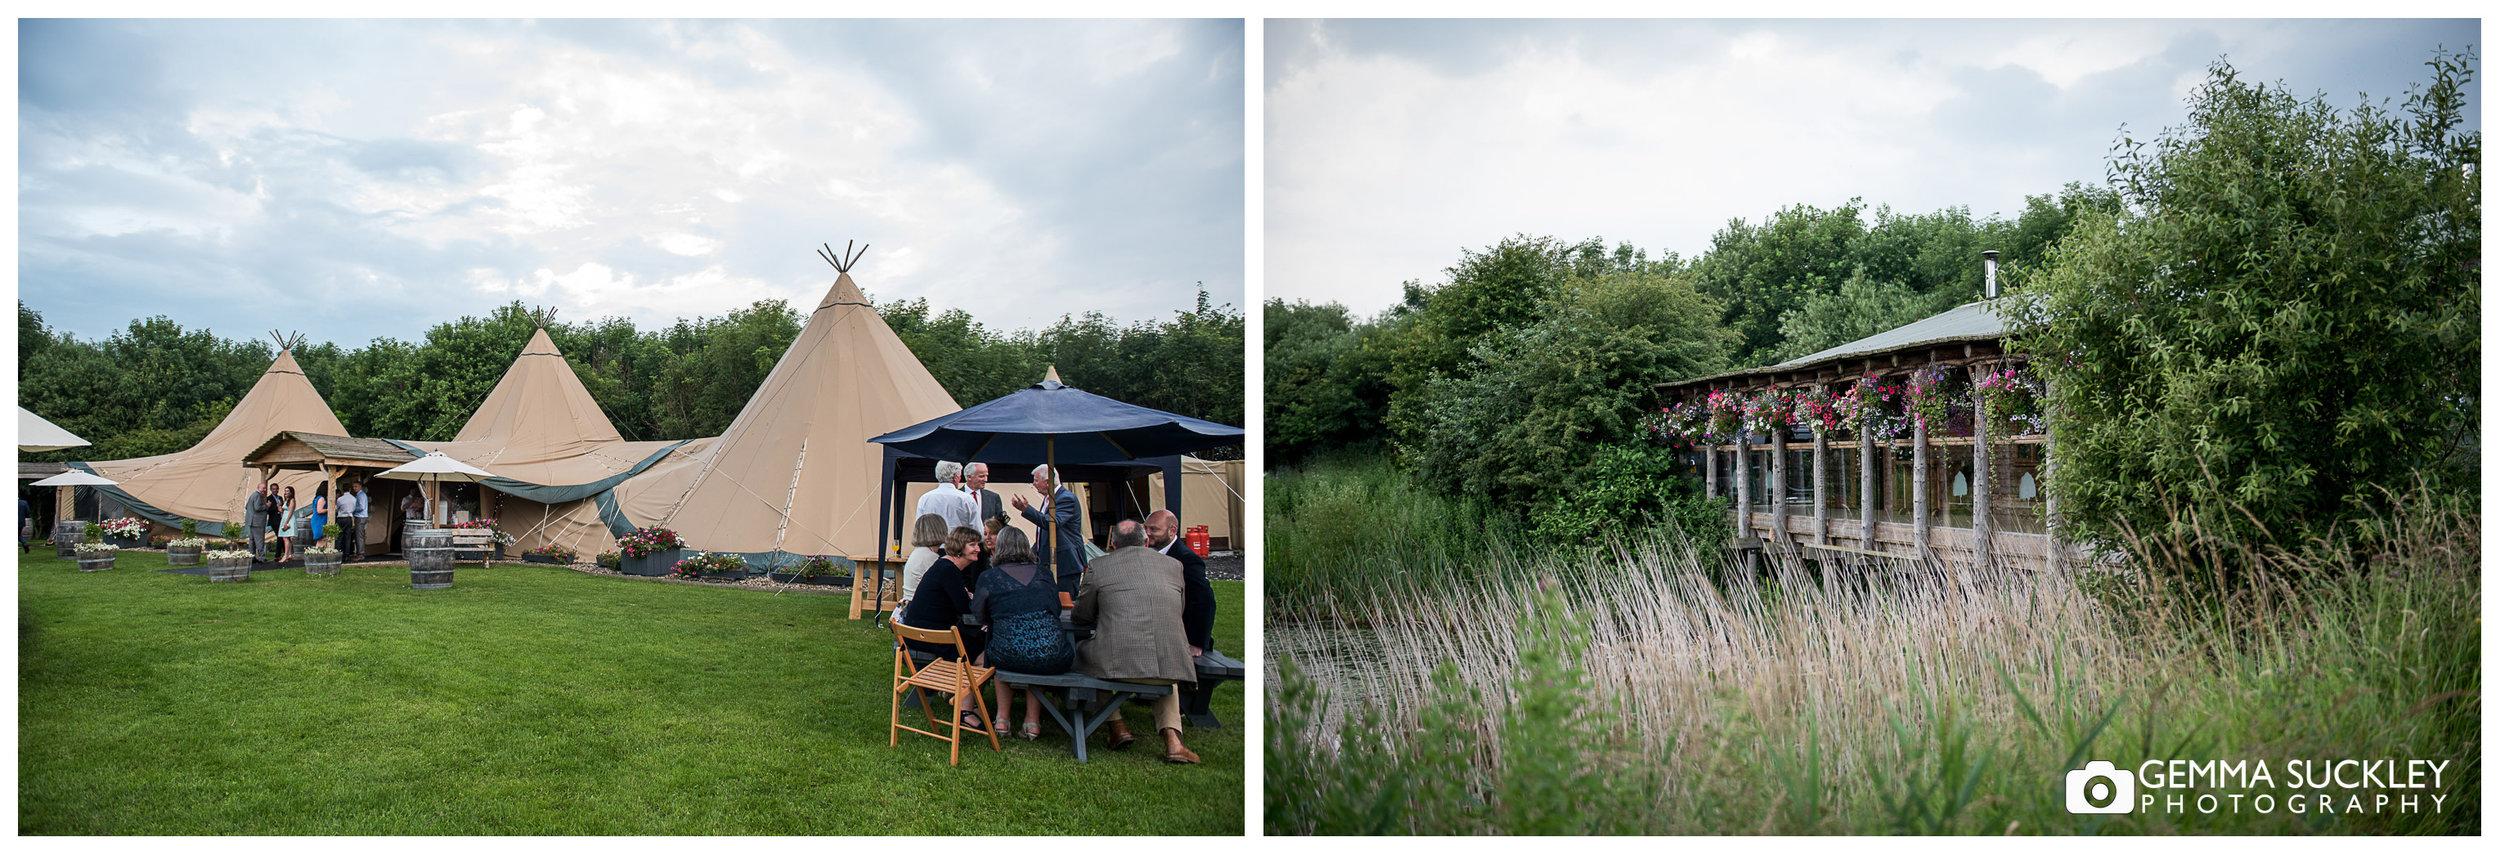 oaklands-wedding-venue-in-driffield.JPG